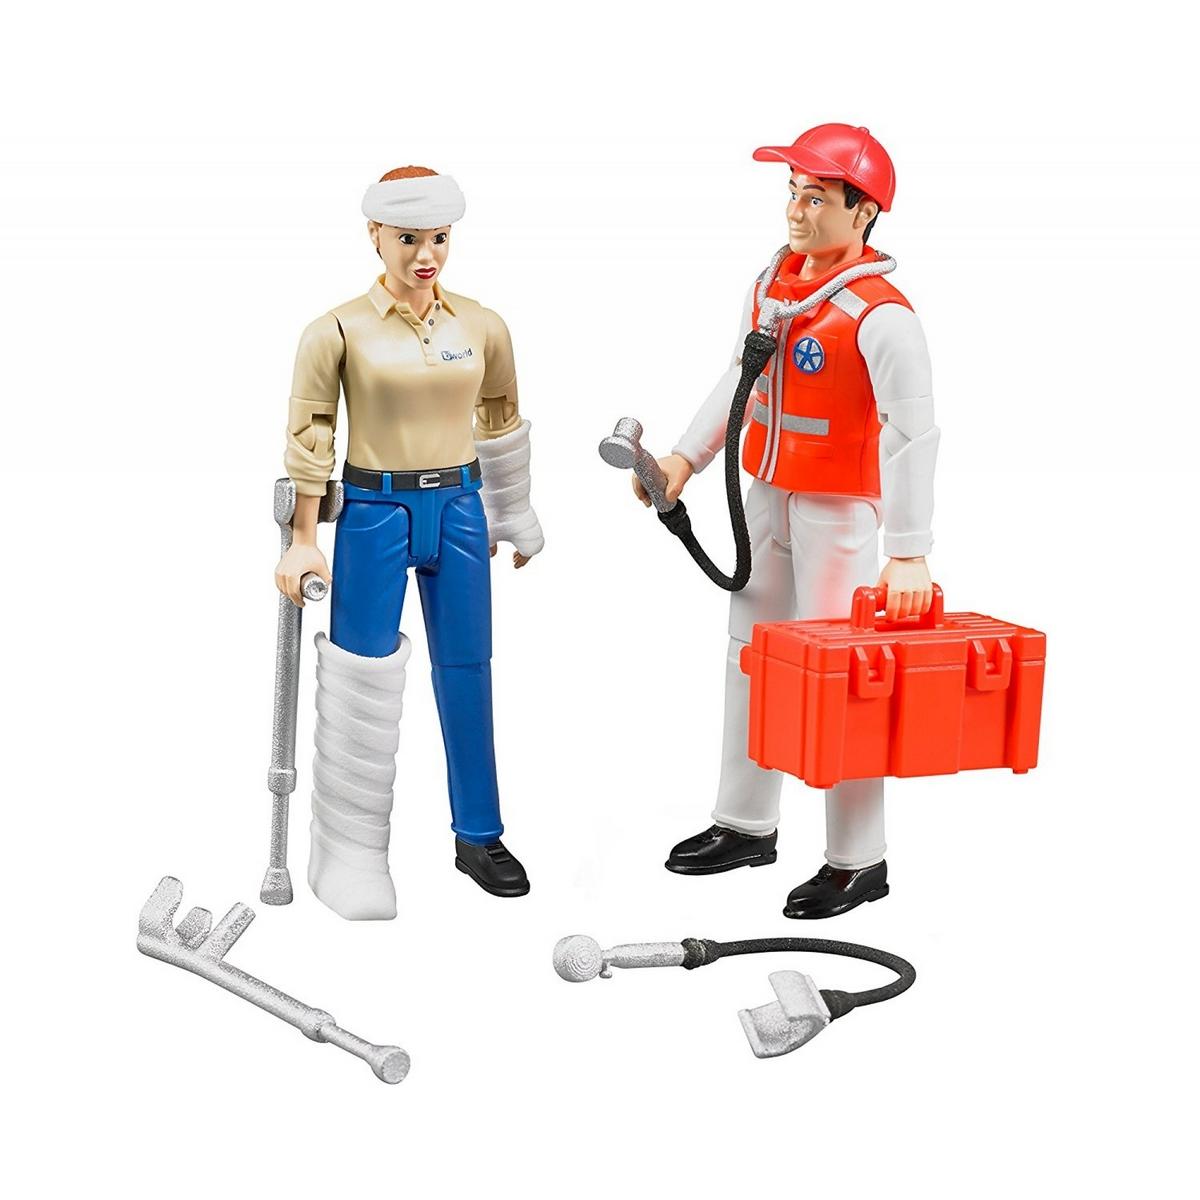 Figurine : Ambulancier et patient